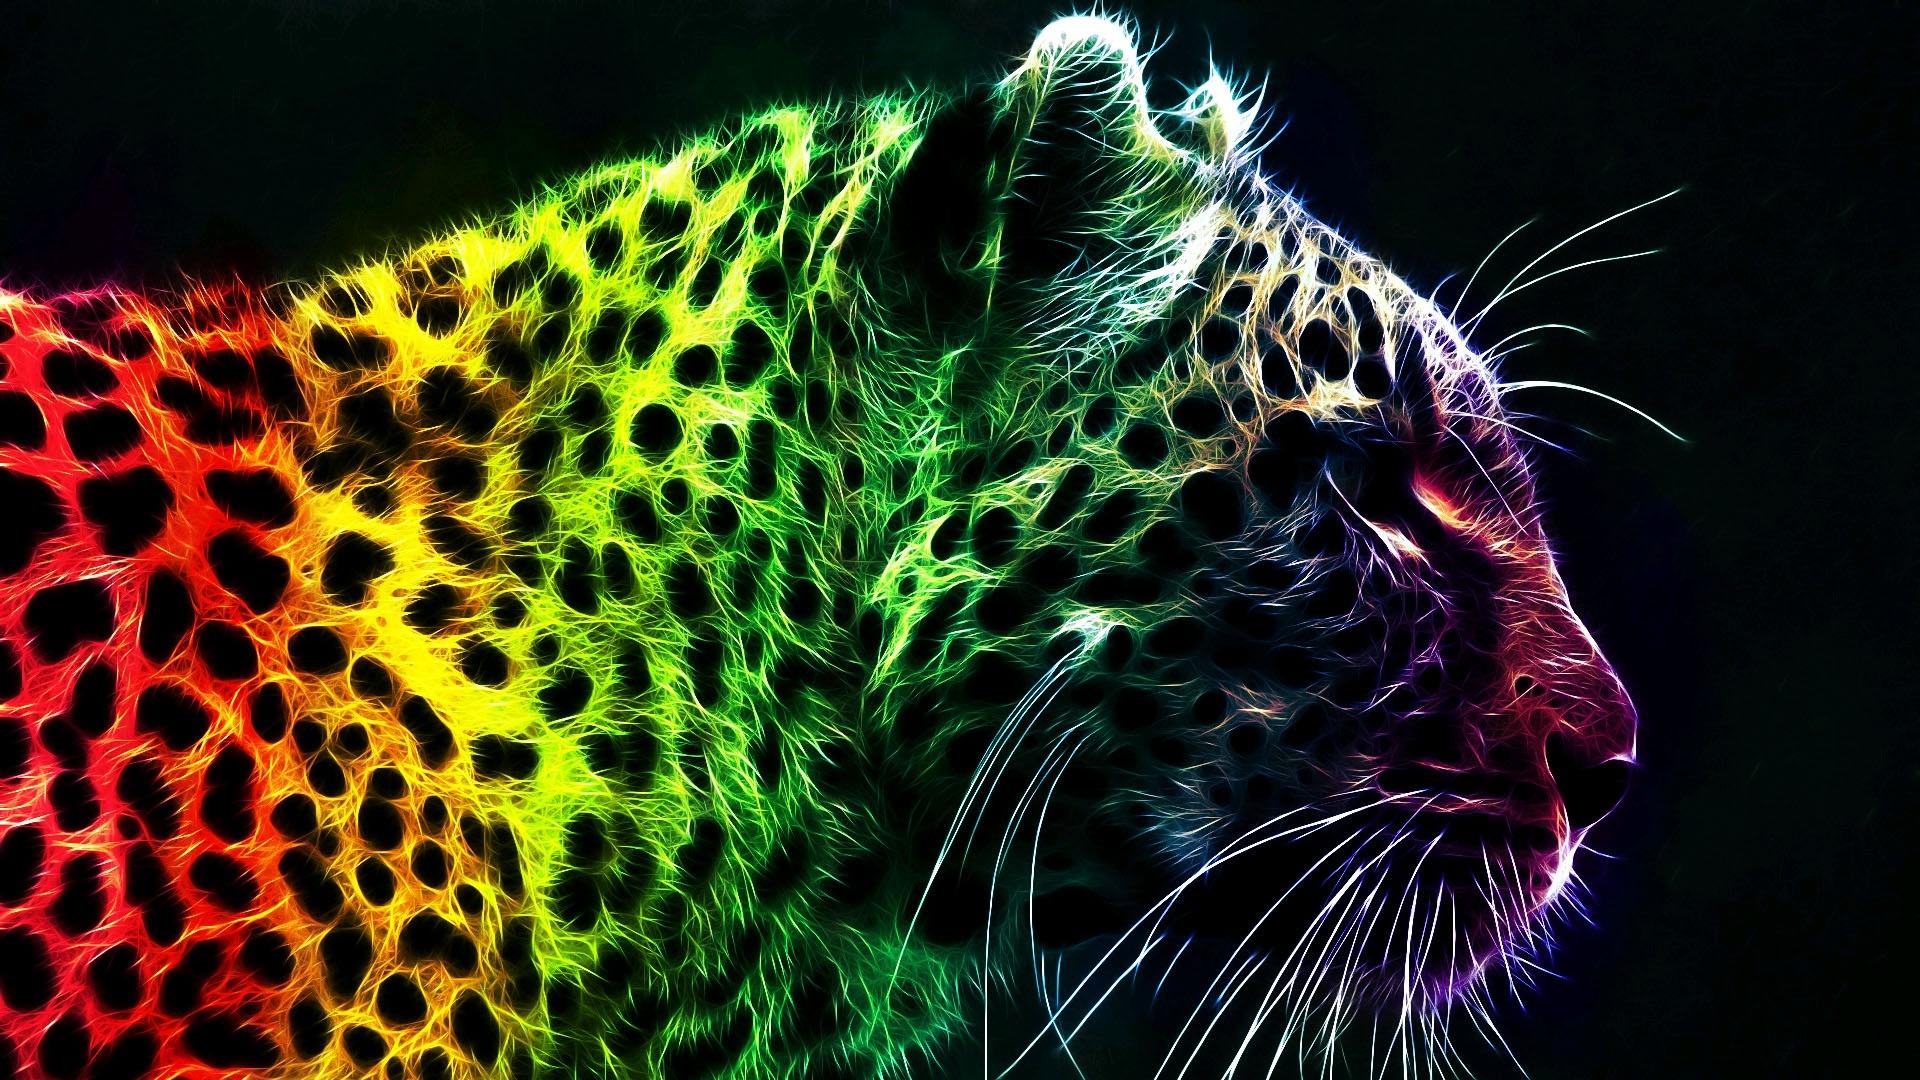 Leopard 4k Black Background Hd Animals 4k Wallpapers: Leopard Wallpaper Free - HD Desktop Wallpapers